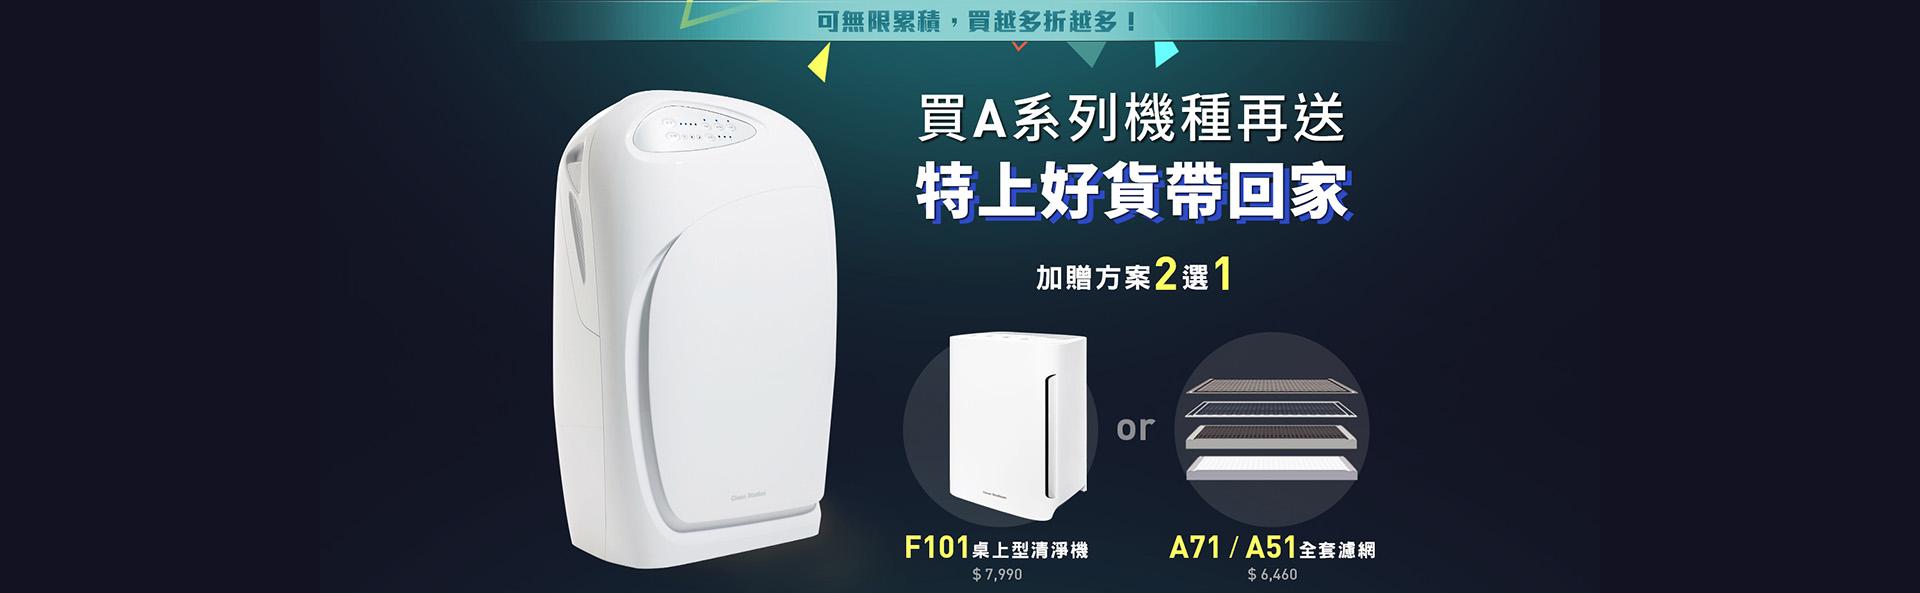 14周年慶-PC版_加寬_20191025_03